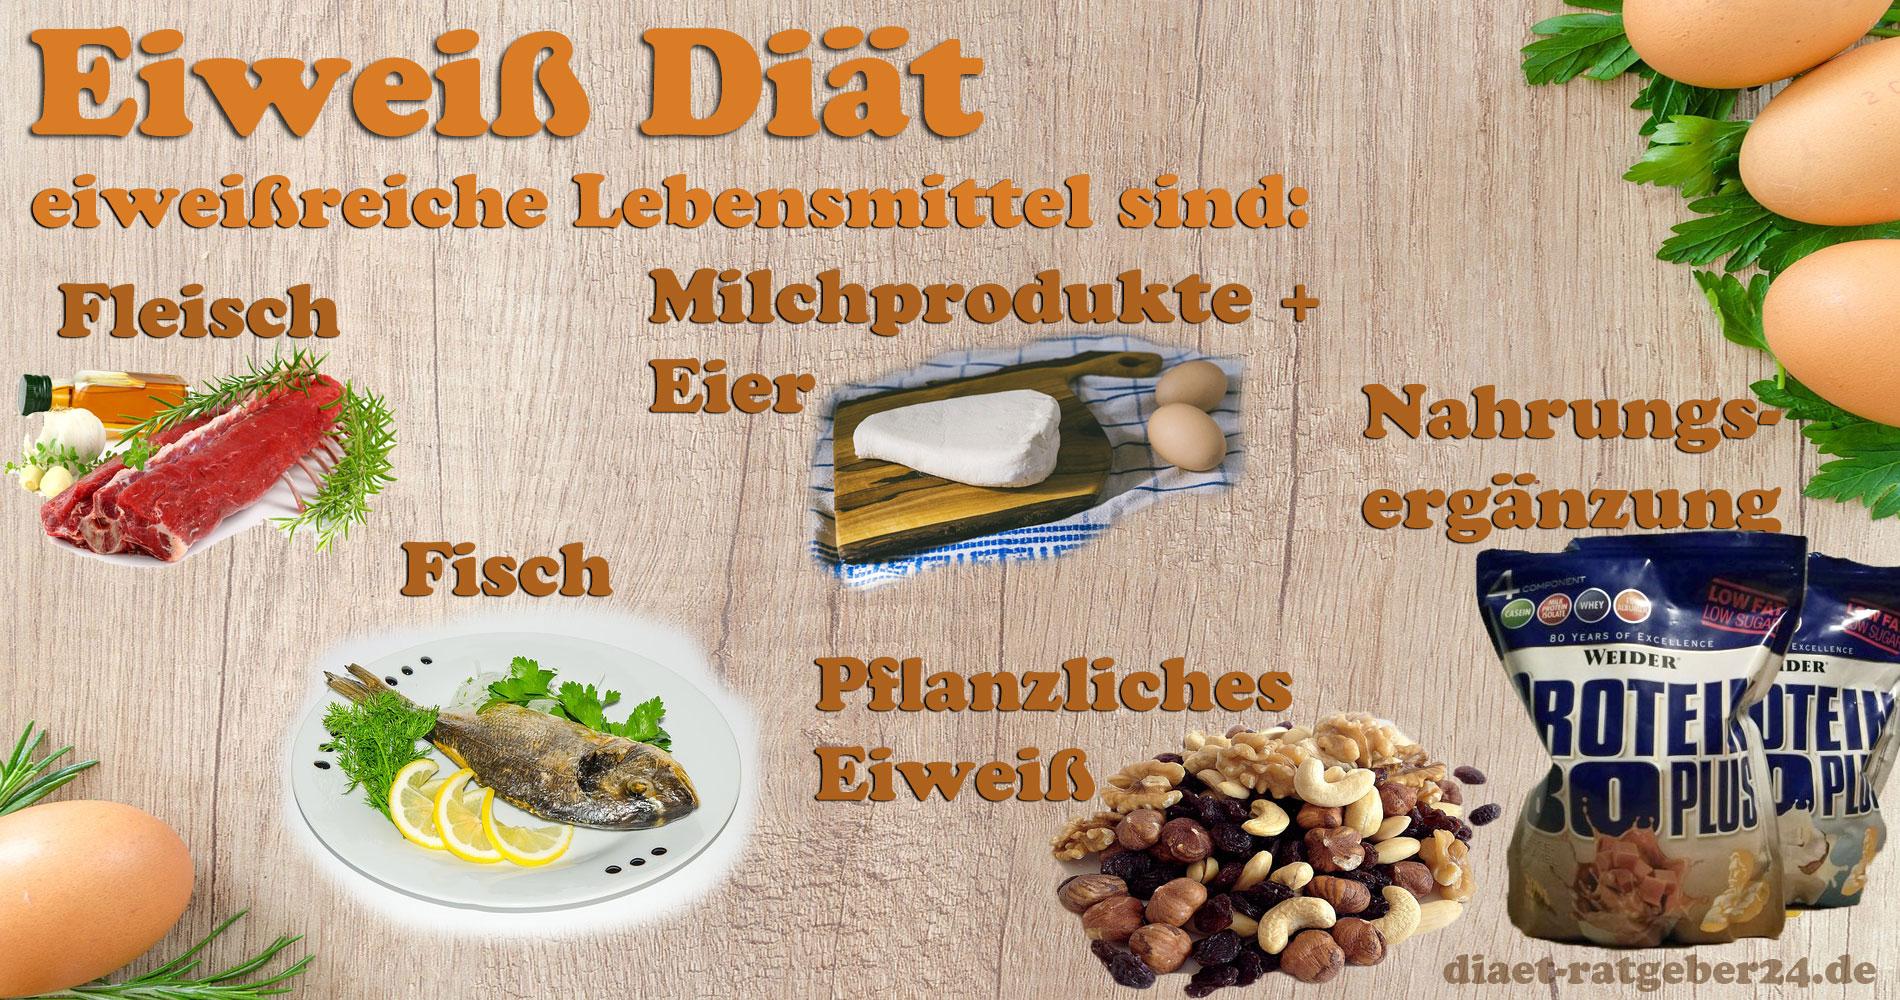 Eiweiss Diat Ernahrungsplan Lebensmittel Rezepte